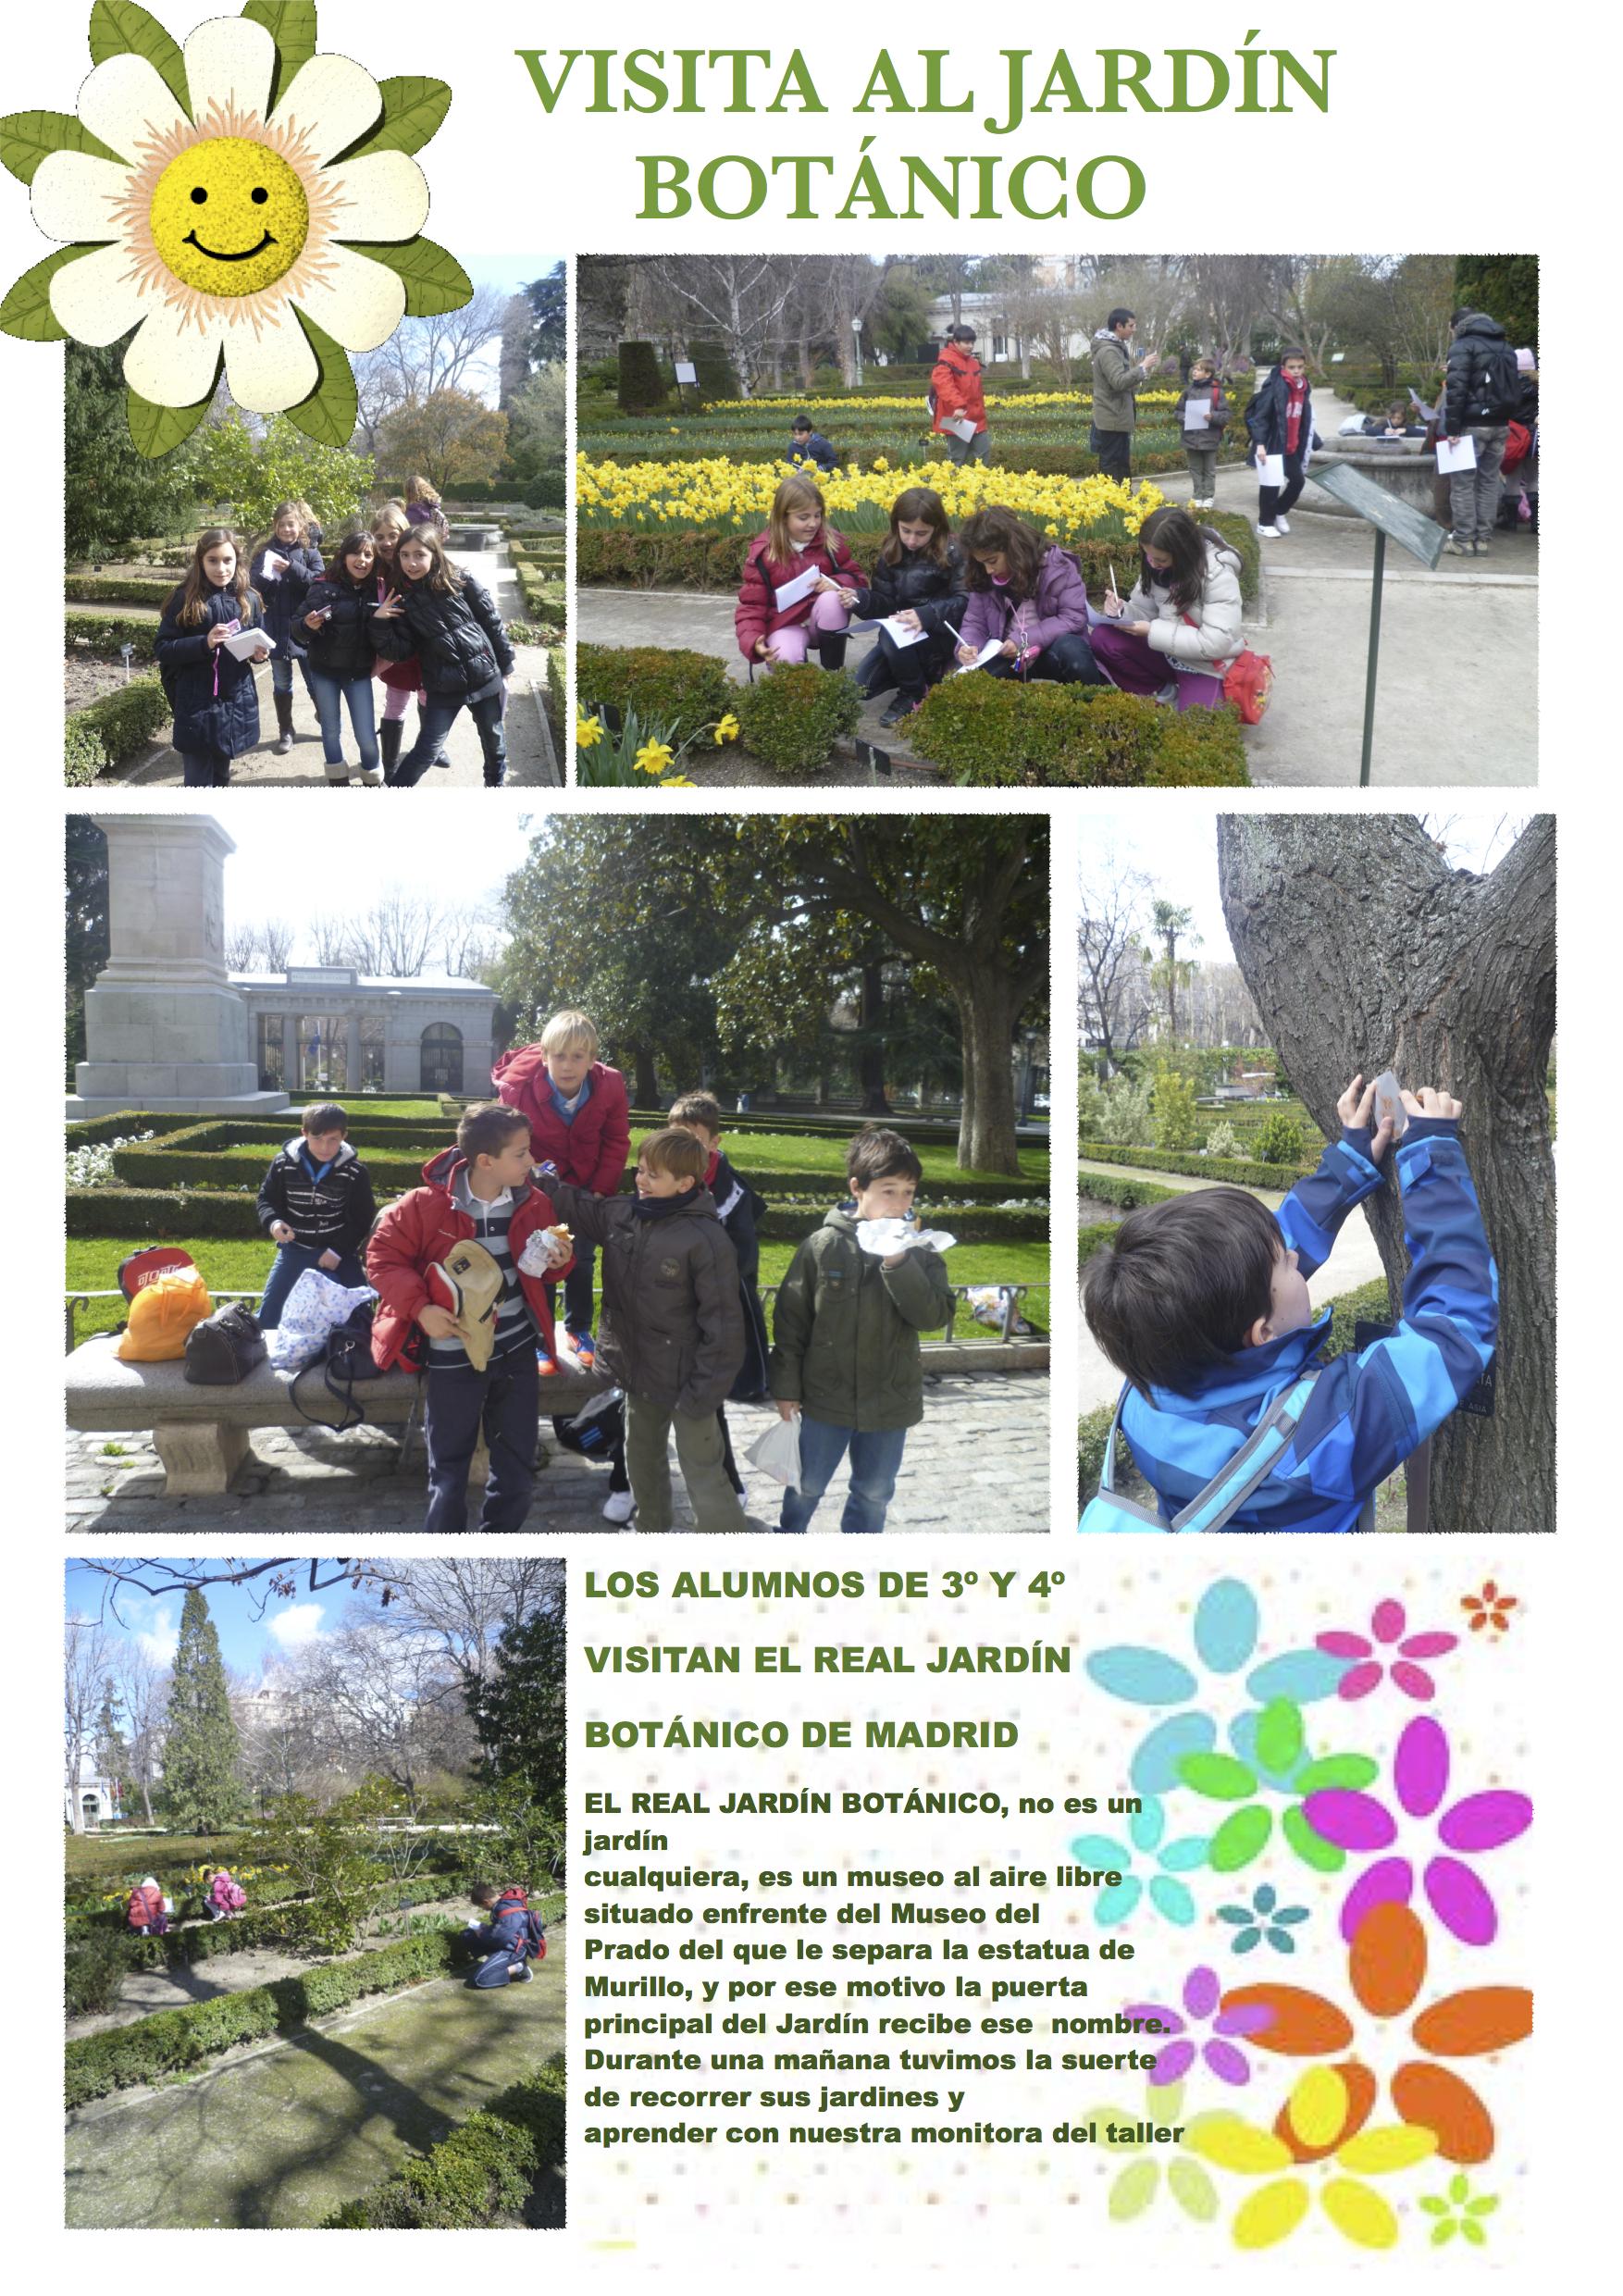 Visitamos el real jard n bot nico el blog del ceip san lucas for Ceip jardin botanico